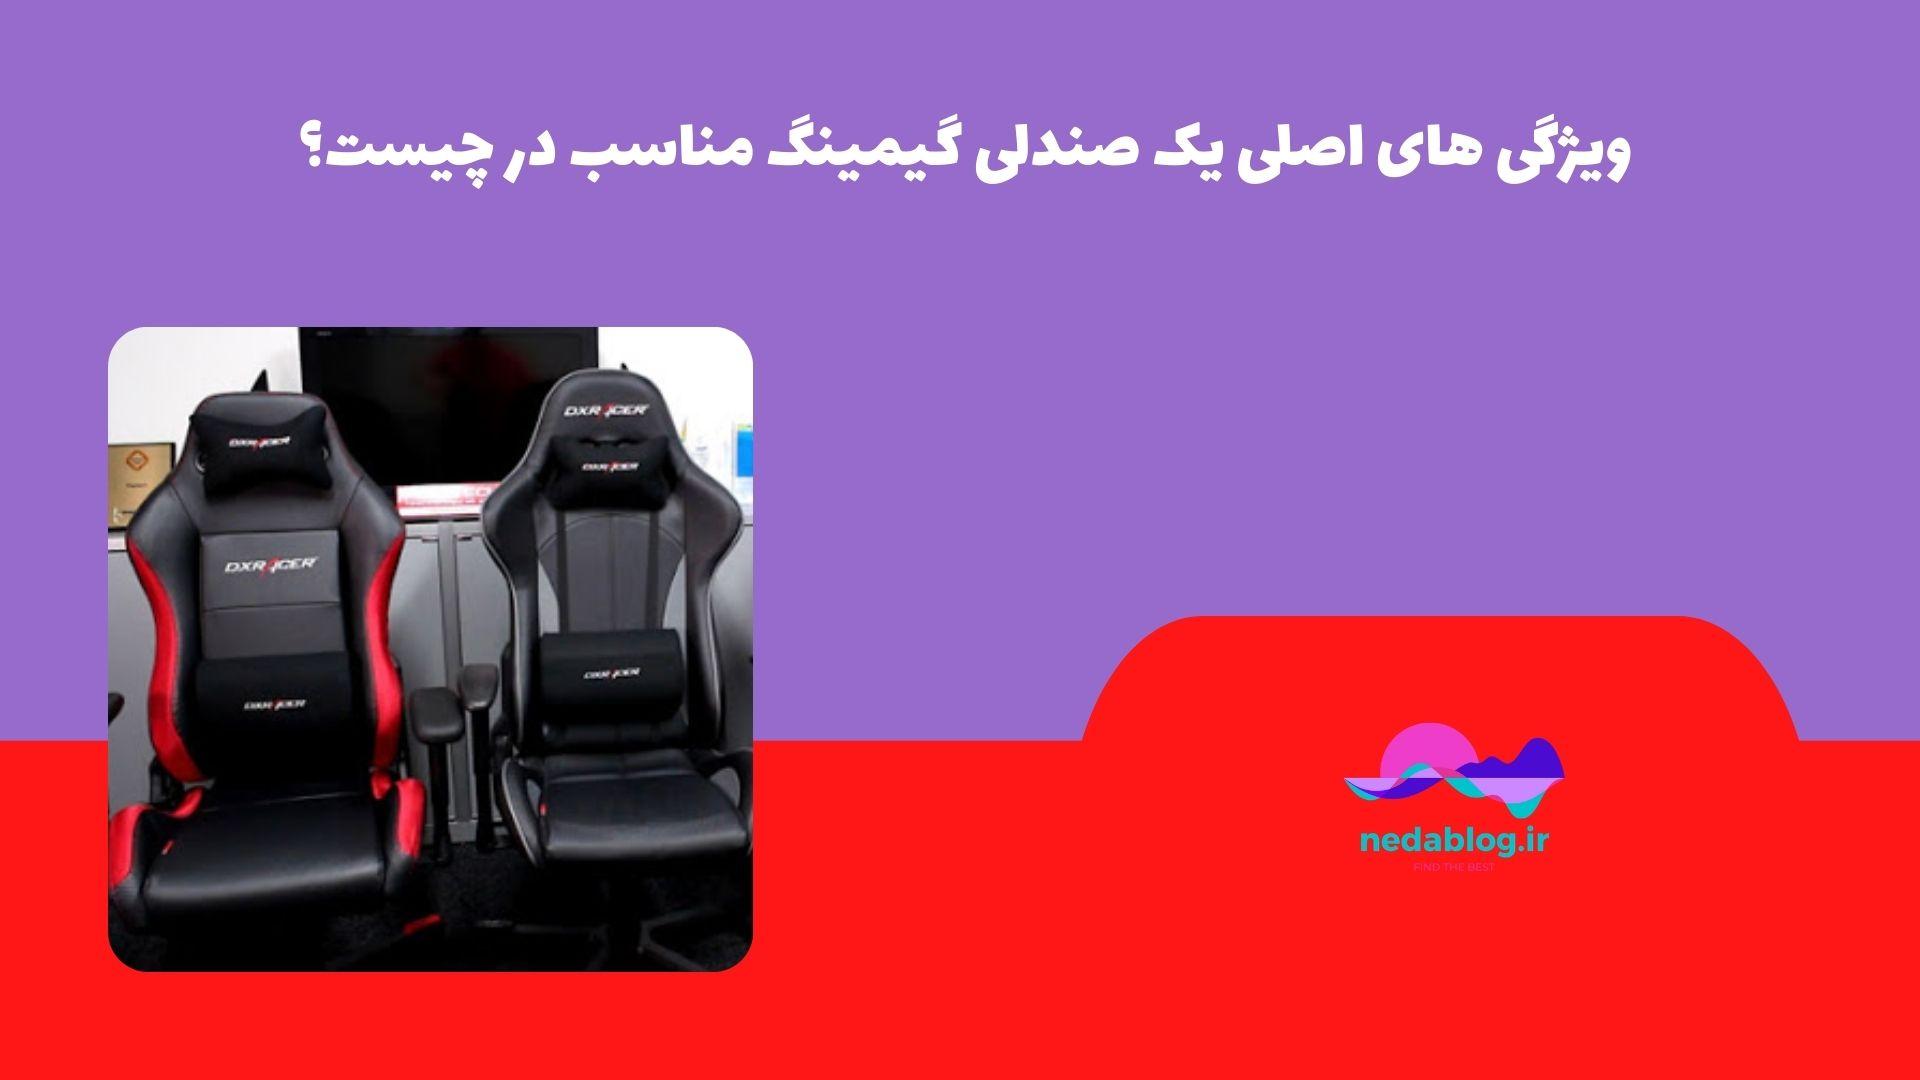 ویژگیهای اصلی یک صندلی گیمینگ مناسب در چیست؟